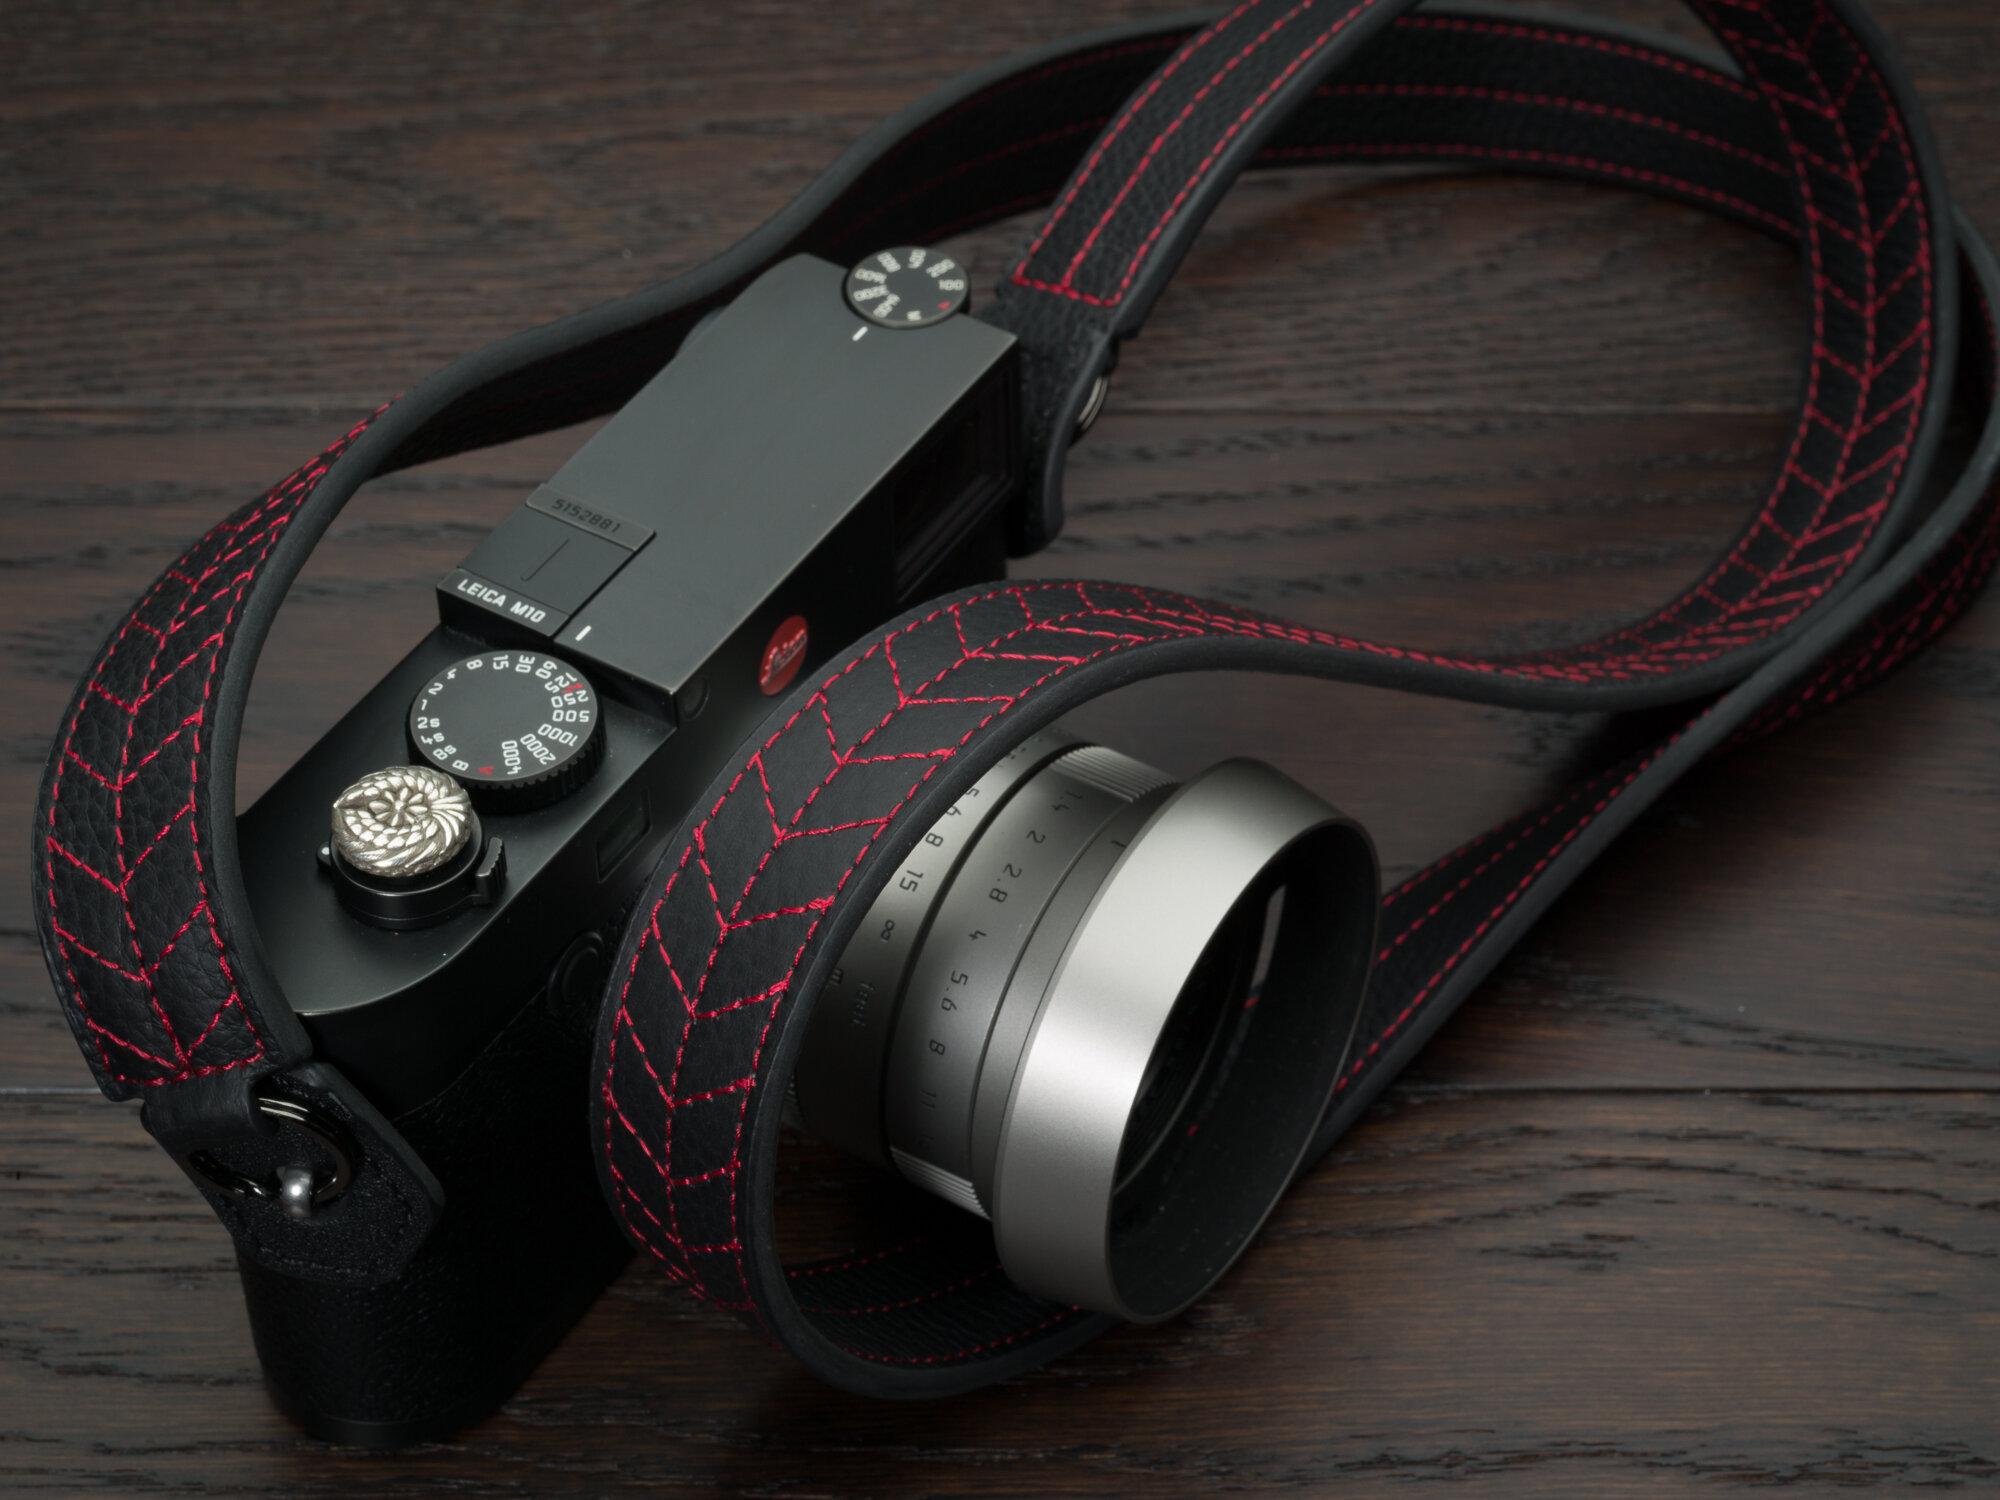 Vi Vante Tread Classic Leather Camera Strap Leica M10 9 garuda.jpg